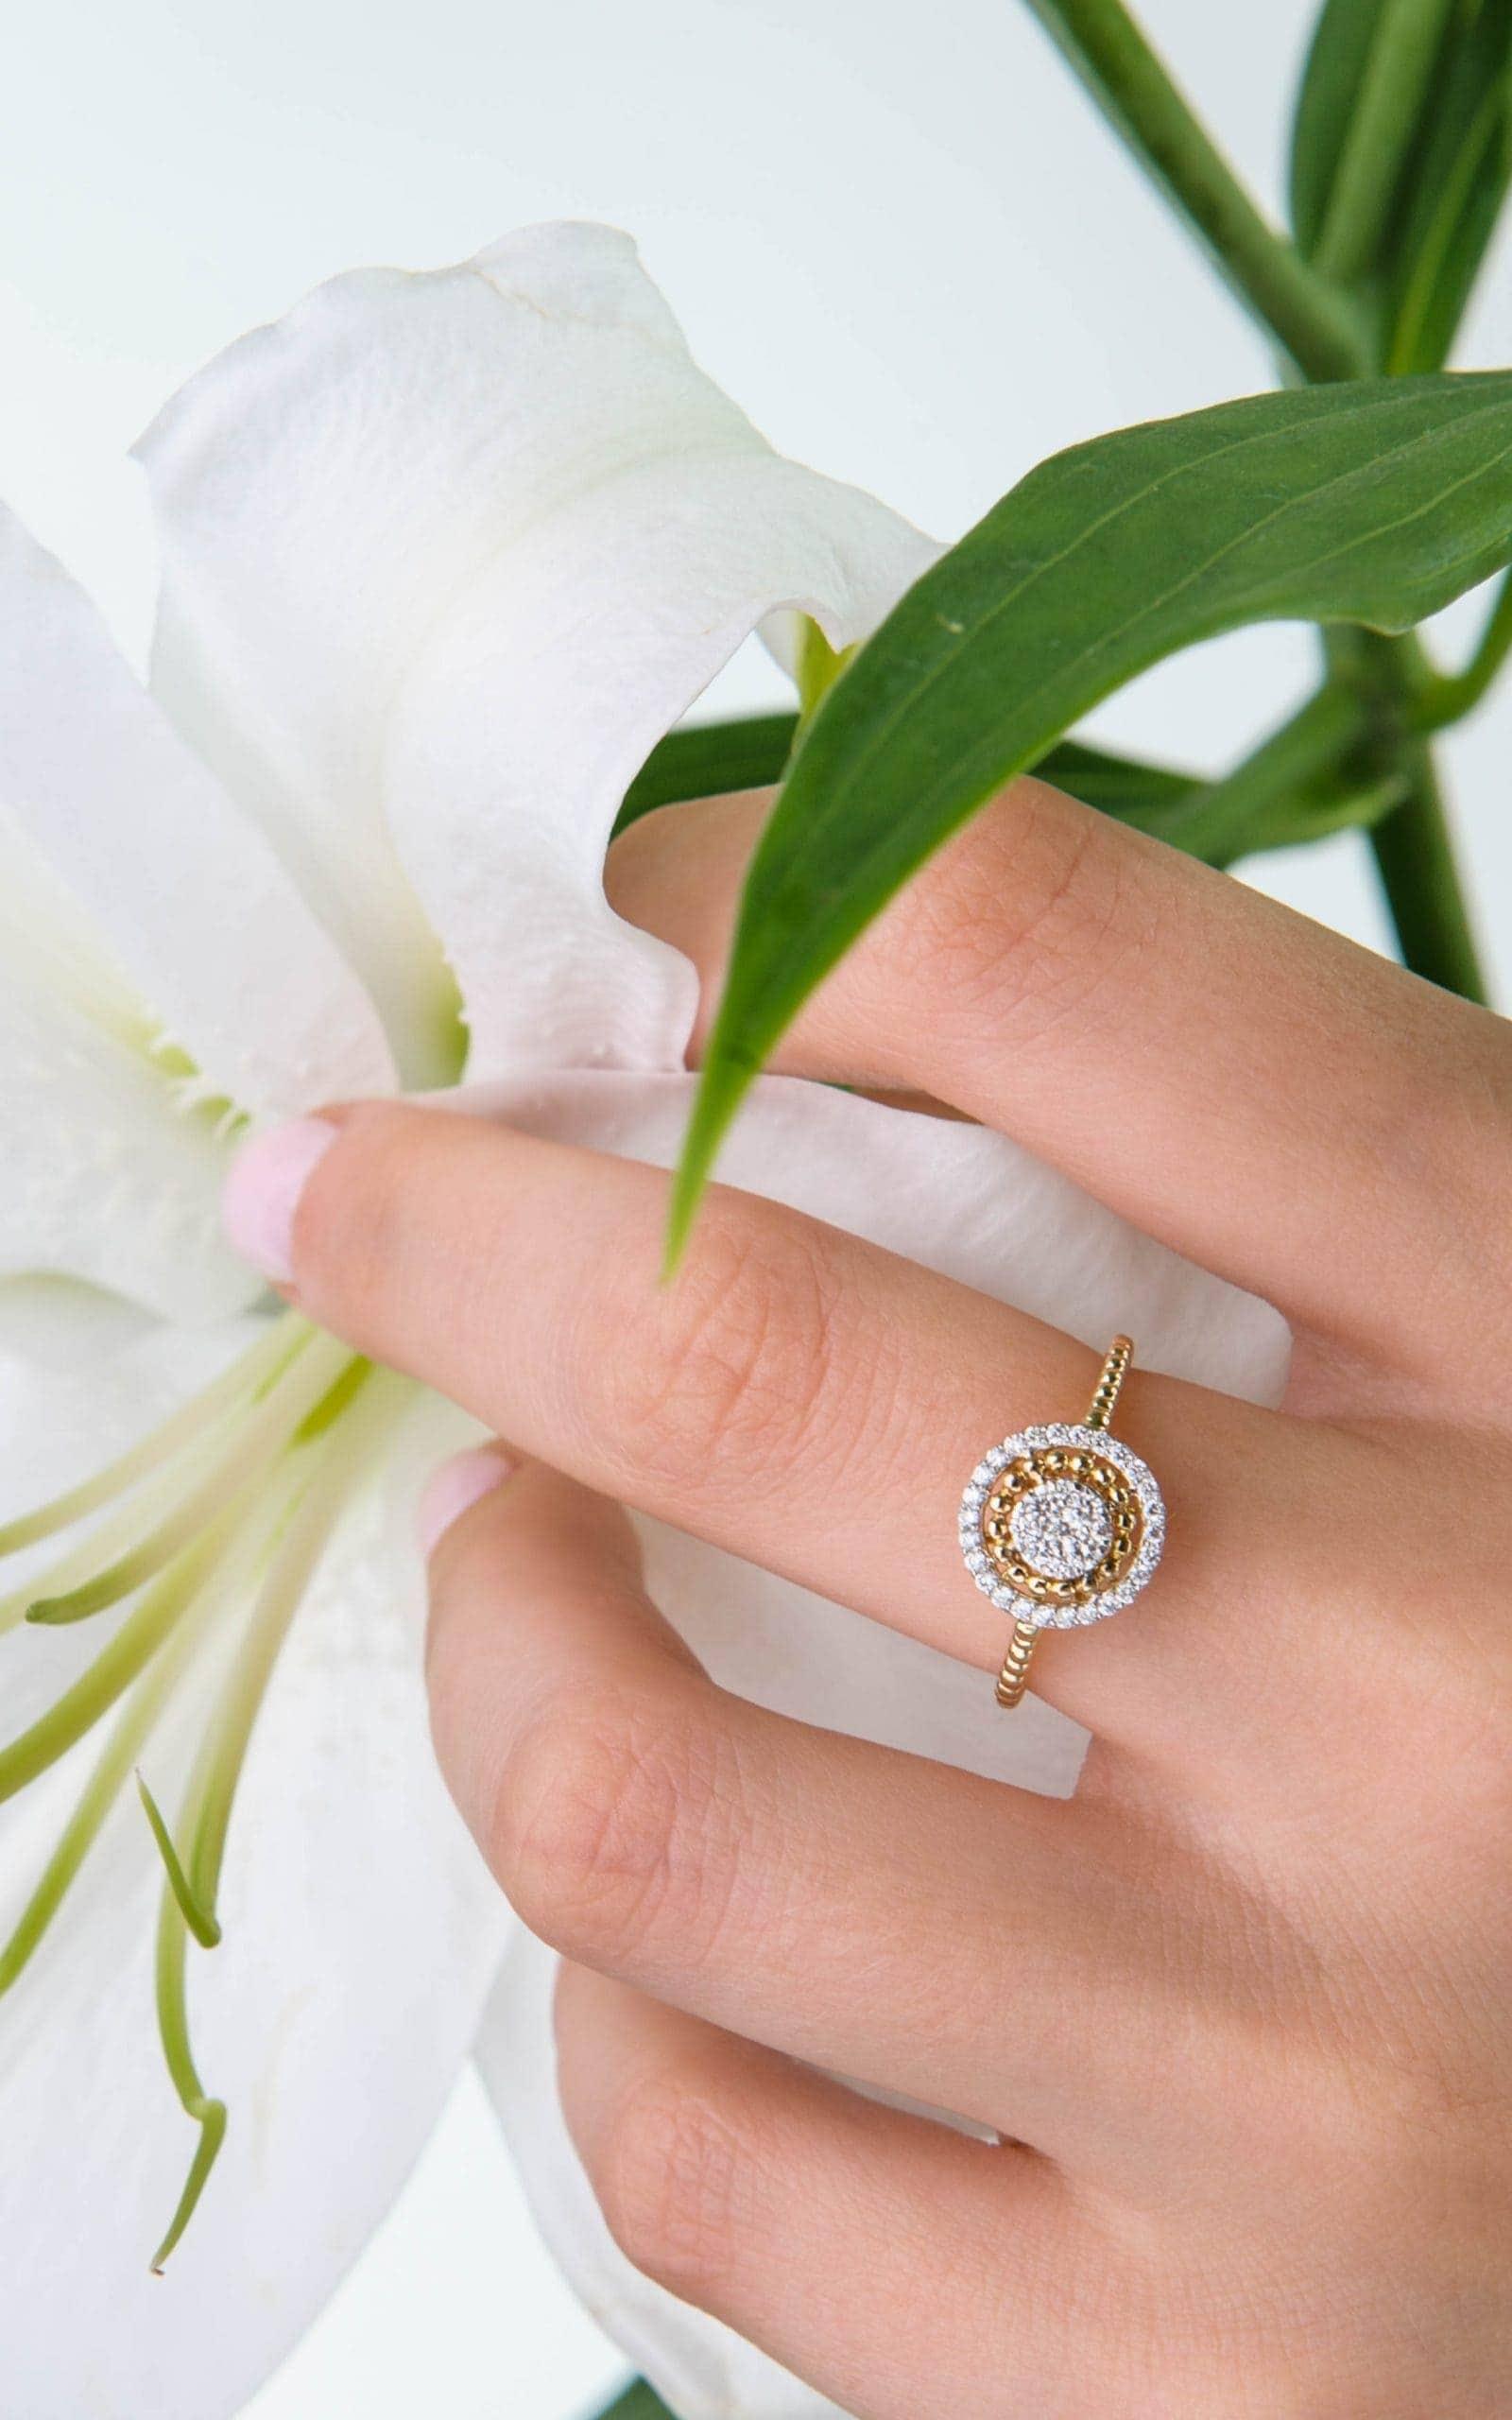 Modelka prezentuje na dłoni złoty pierścionek z brylantami trzymając biały kwiat.